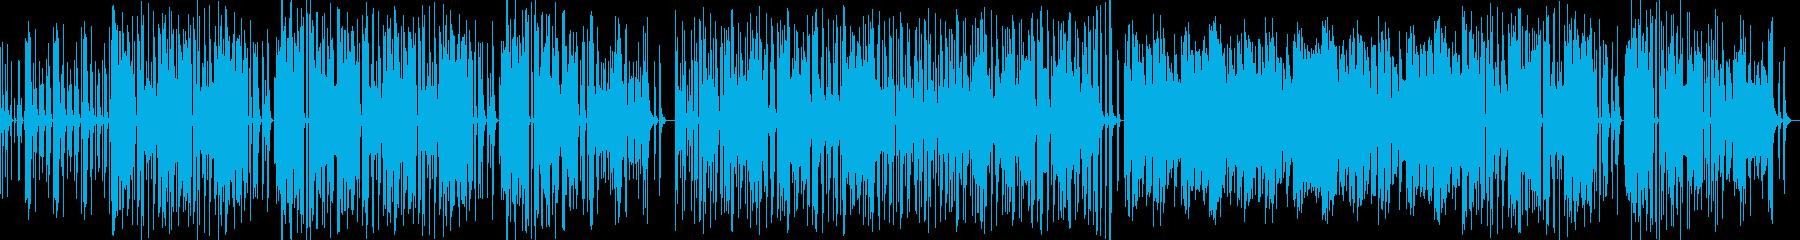 愉快なゲームミュージックの再生済みの波形